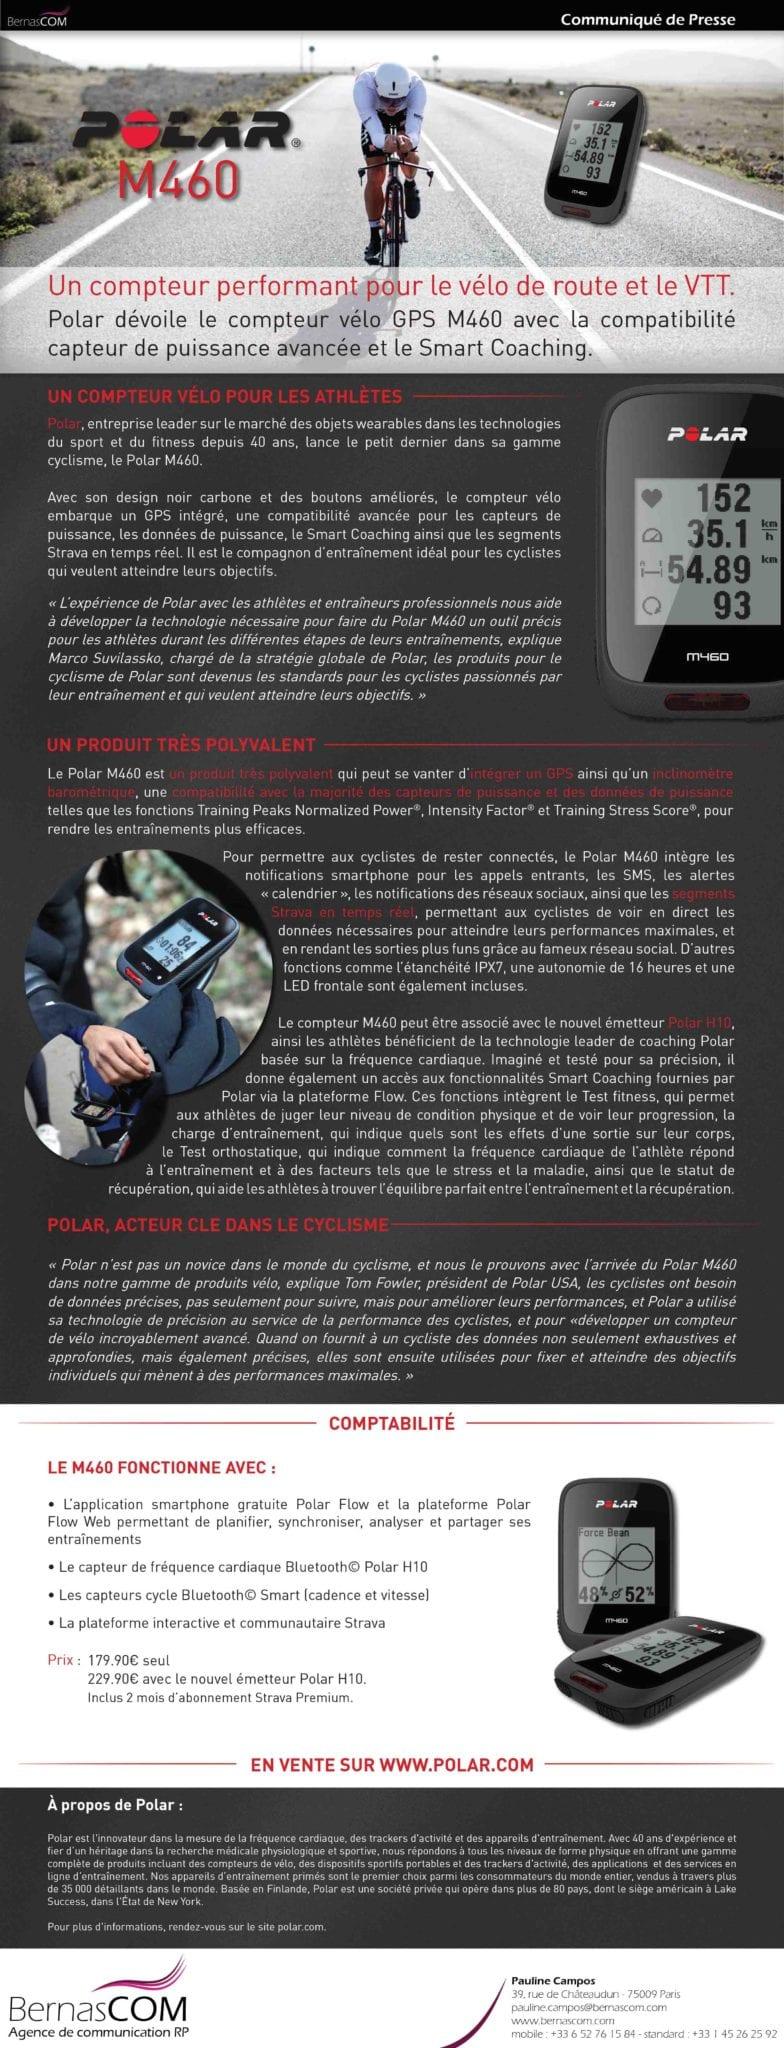 Polar GPS velo M460 Communiqué de presse